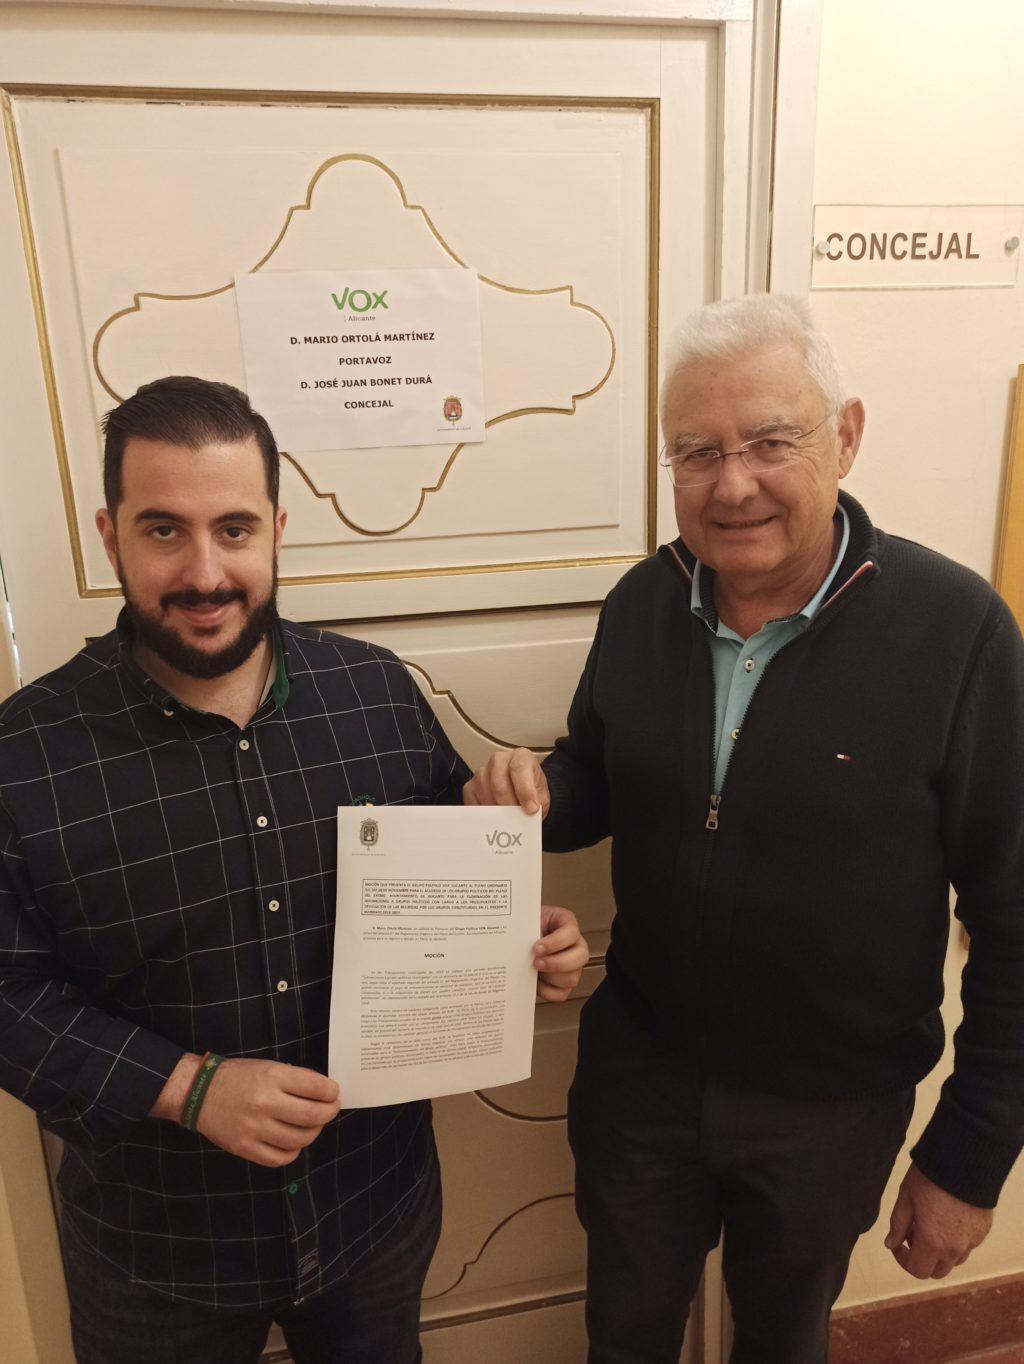 El Portavoz de VOX en Alicante, Mario Ortolá y el concejal Juan José Bonet han presentado este lunes en registro una moción para el Pleno ordinario del próximo 28 de noviembre